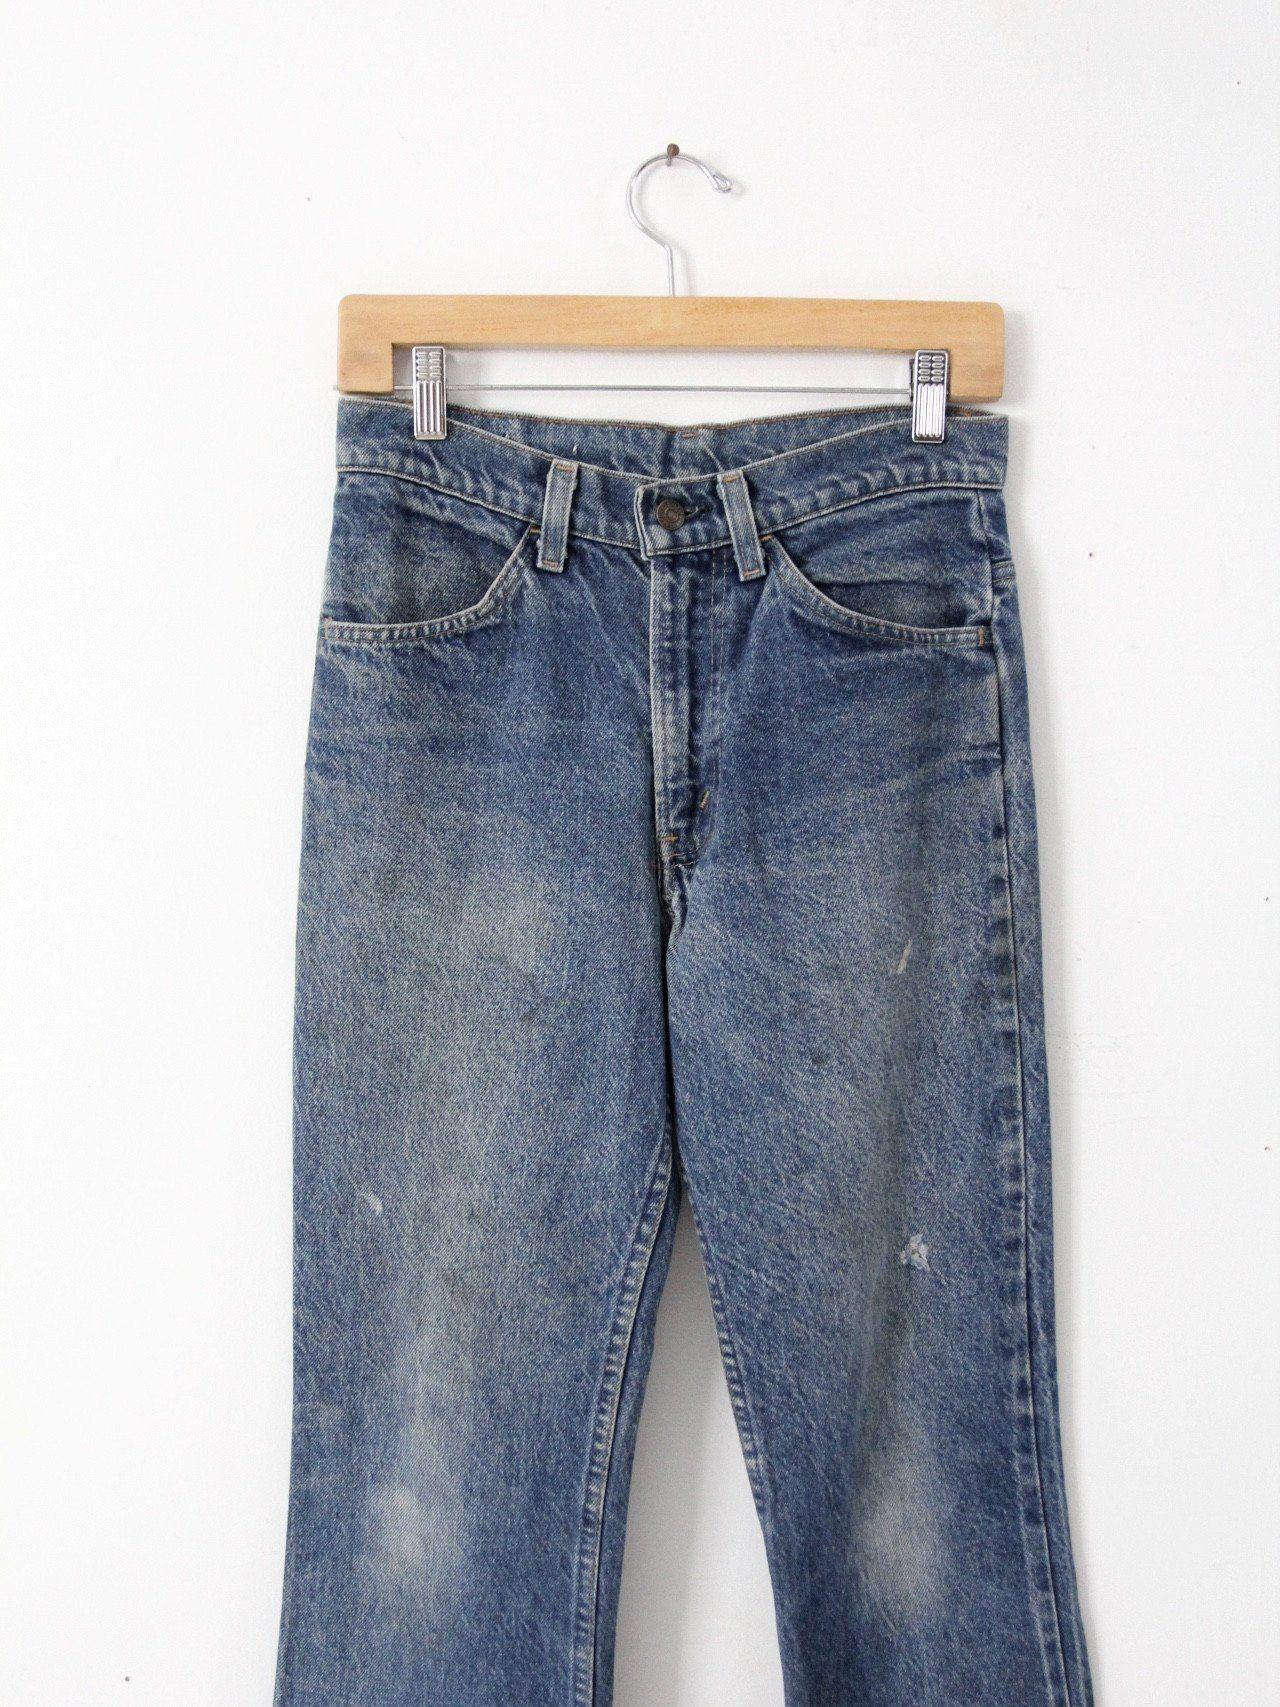 vintage Levi's 646 denim jeans, 29 x 30 – 86 Vintage